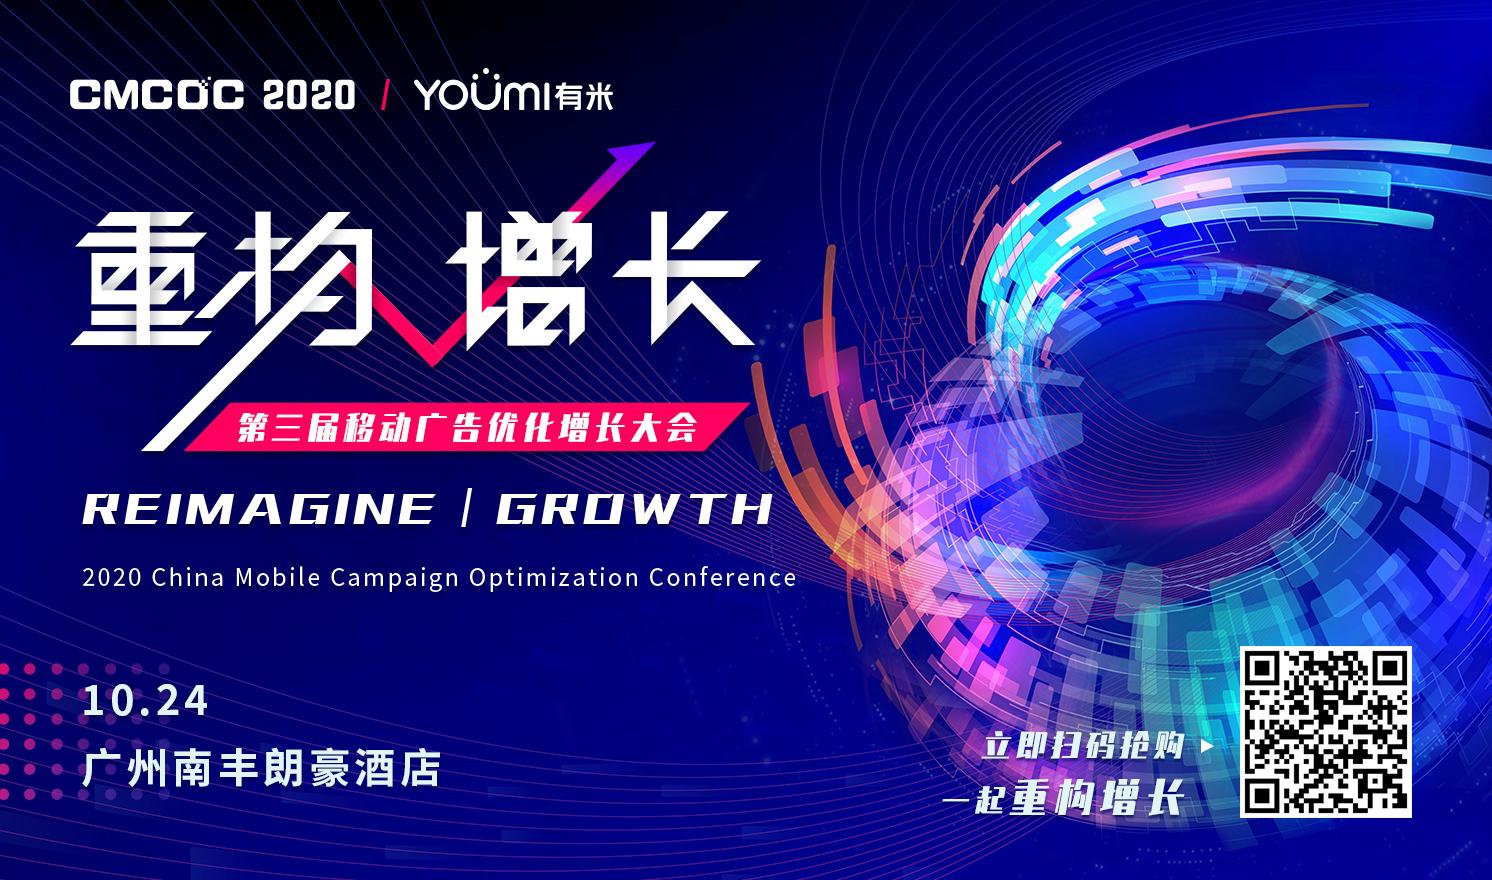 「重构·增长」第三届移动广告优化增长大会(CMCOC 2020)(2020-10-24)